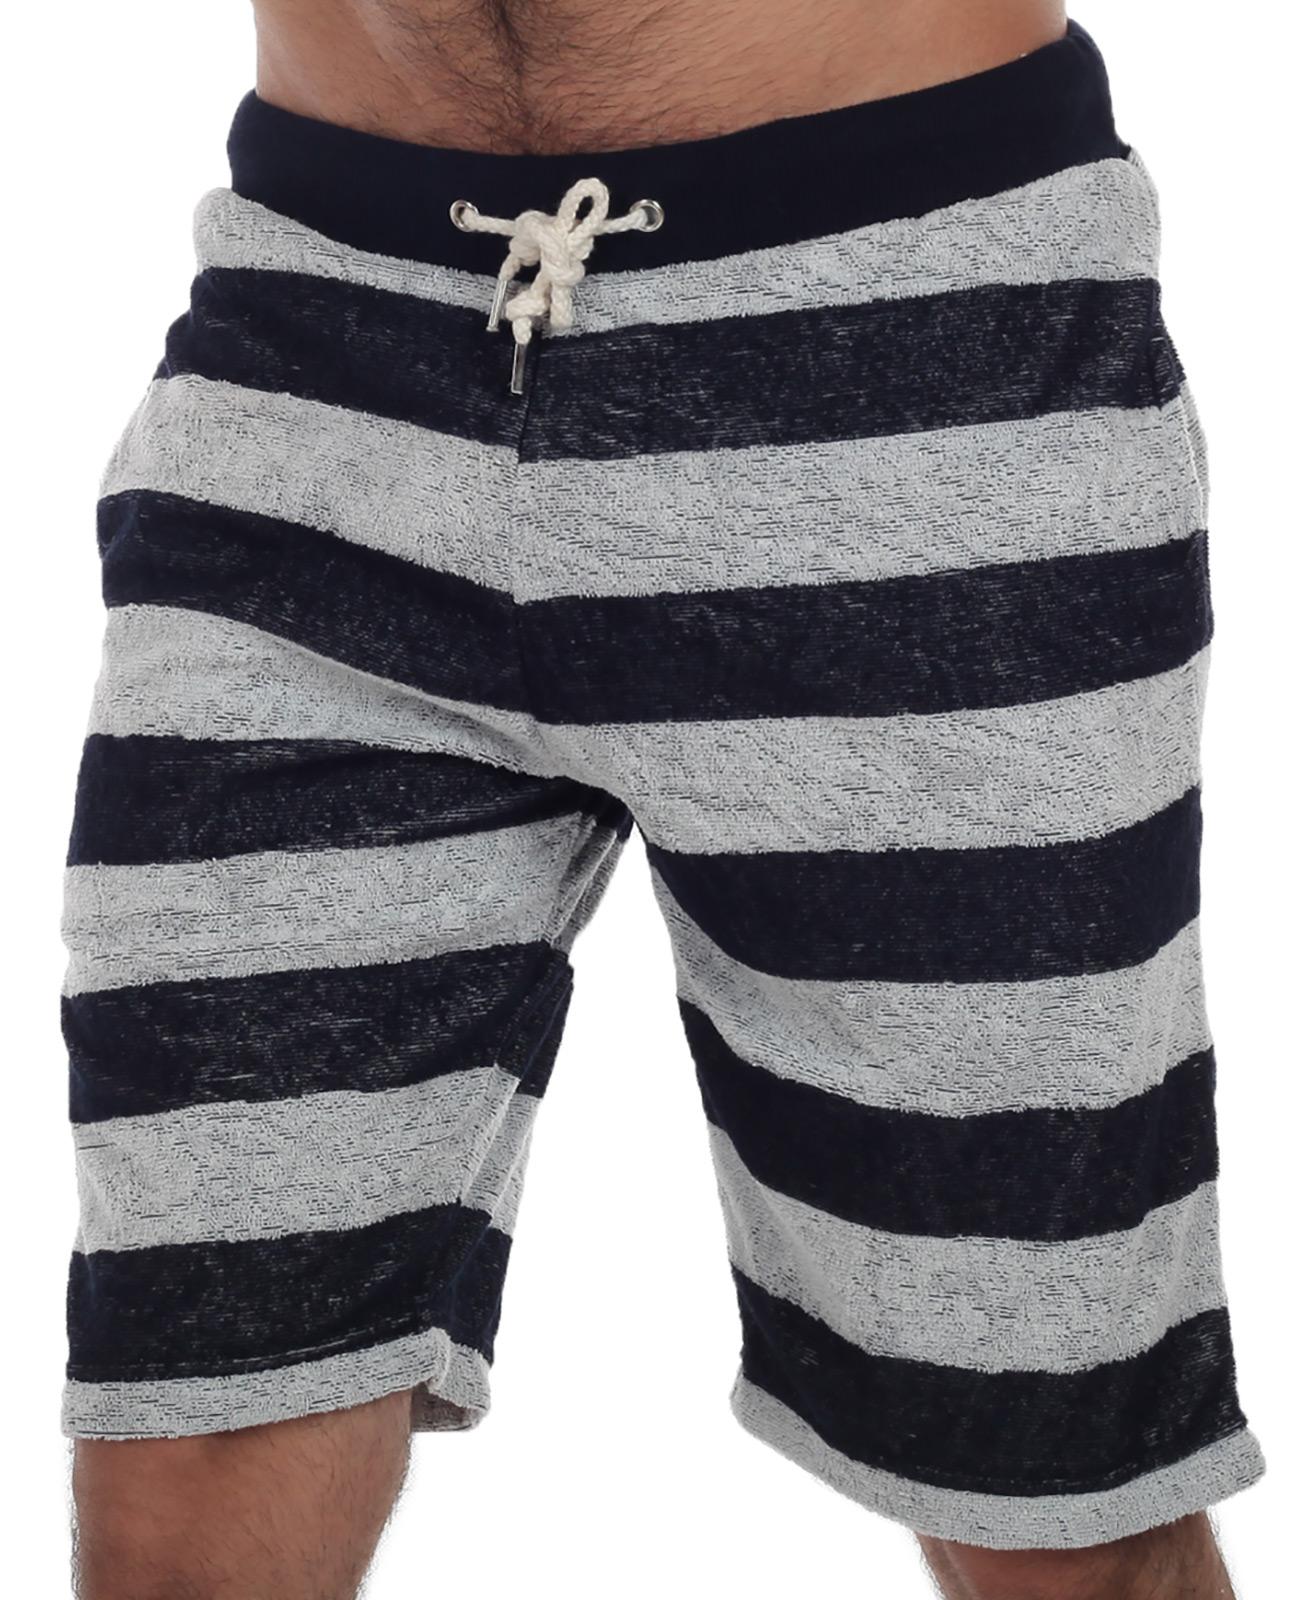 Мягкие и приятные мужские шорты Growth by Grail на резинке